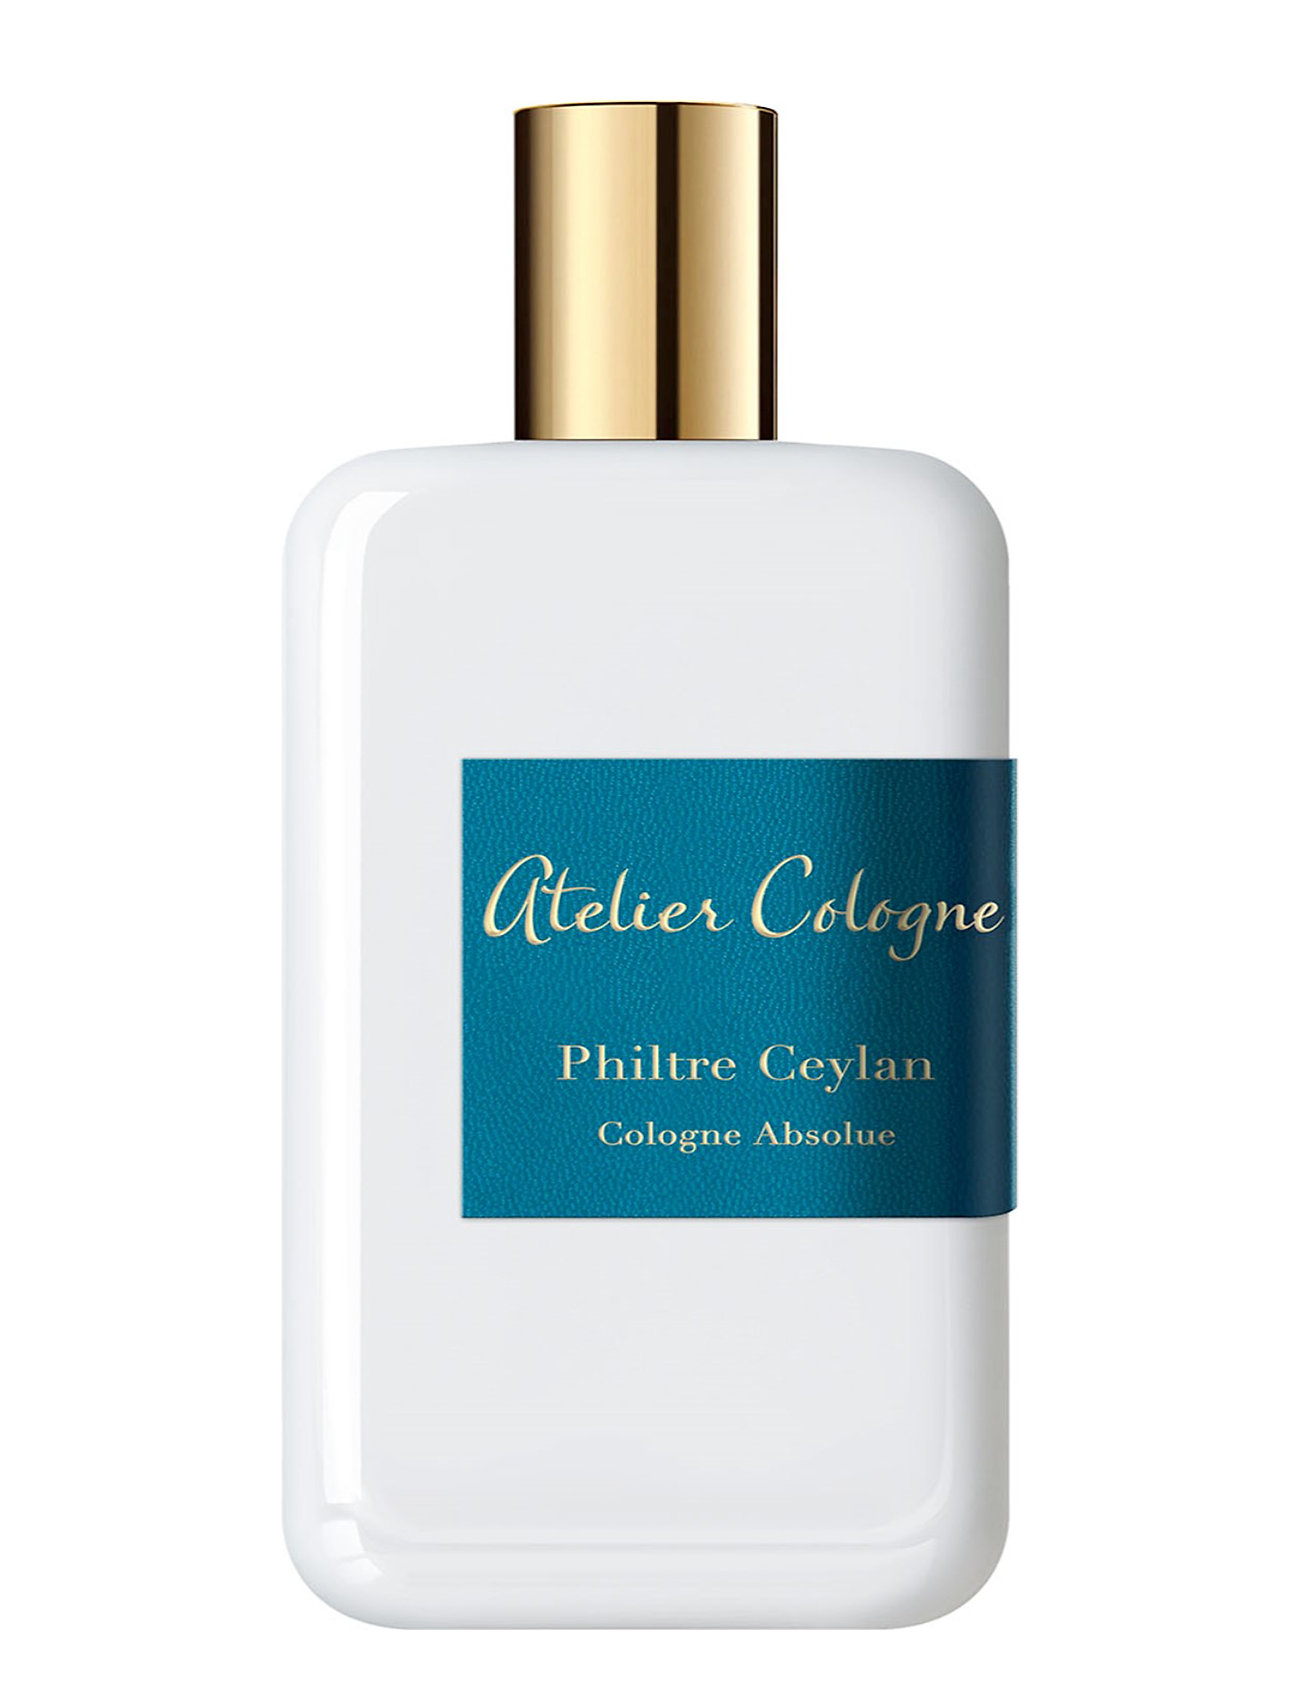 atelier cologne Philtre ceylan edc 200 ml på boozt.com dk